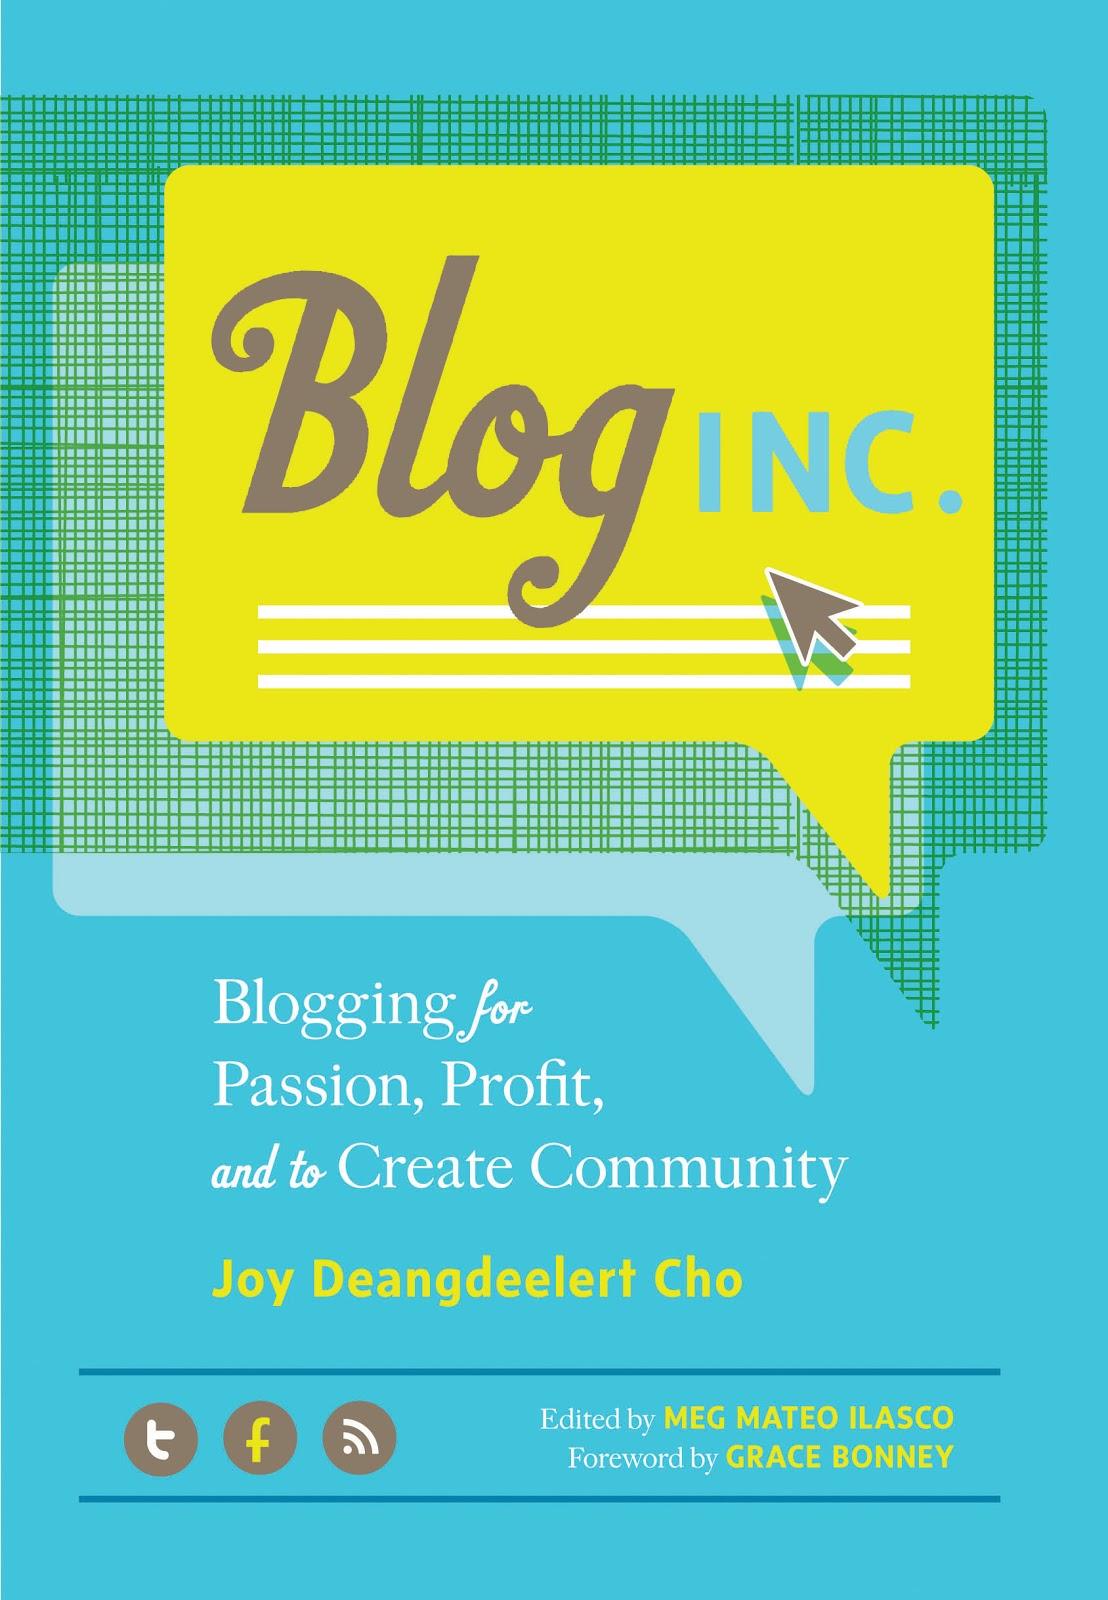 http://4.bp.blogspot.com/-RypTnIRyicg/UIdKimVw40I/AAAAAAAAD3Q/1C1_Y4IcmeU/s1600/joy-cho-blog-inc-cover.jpg